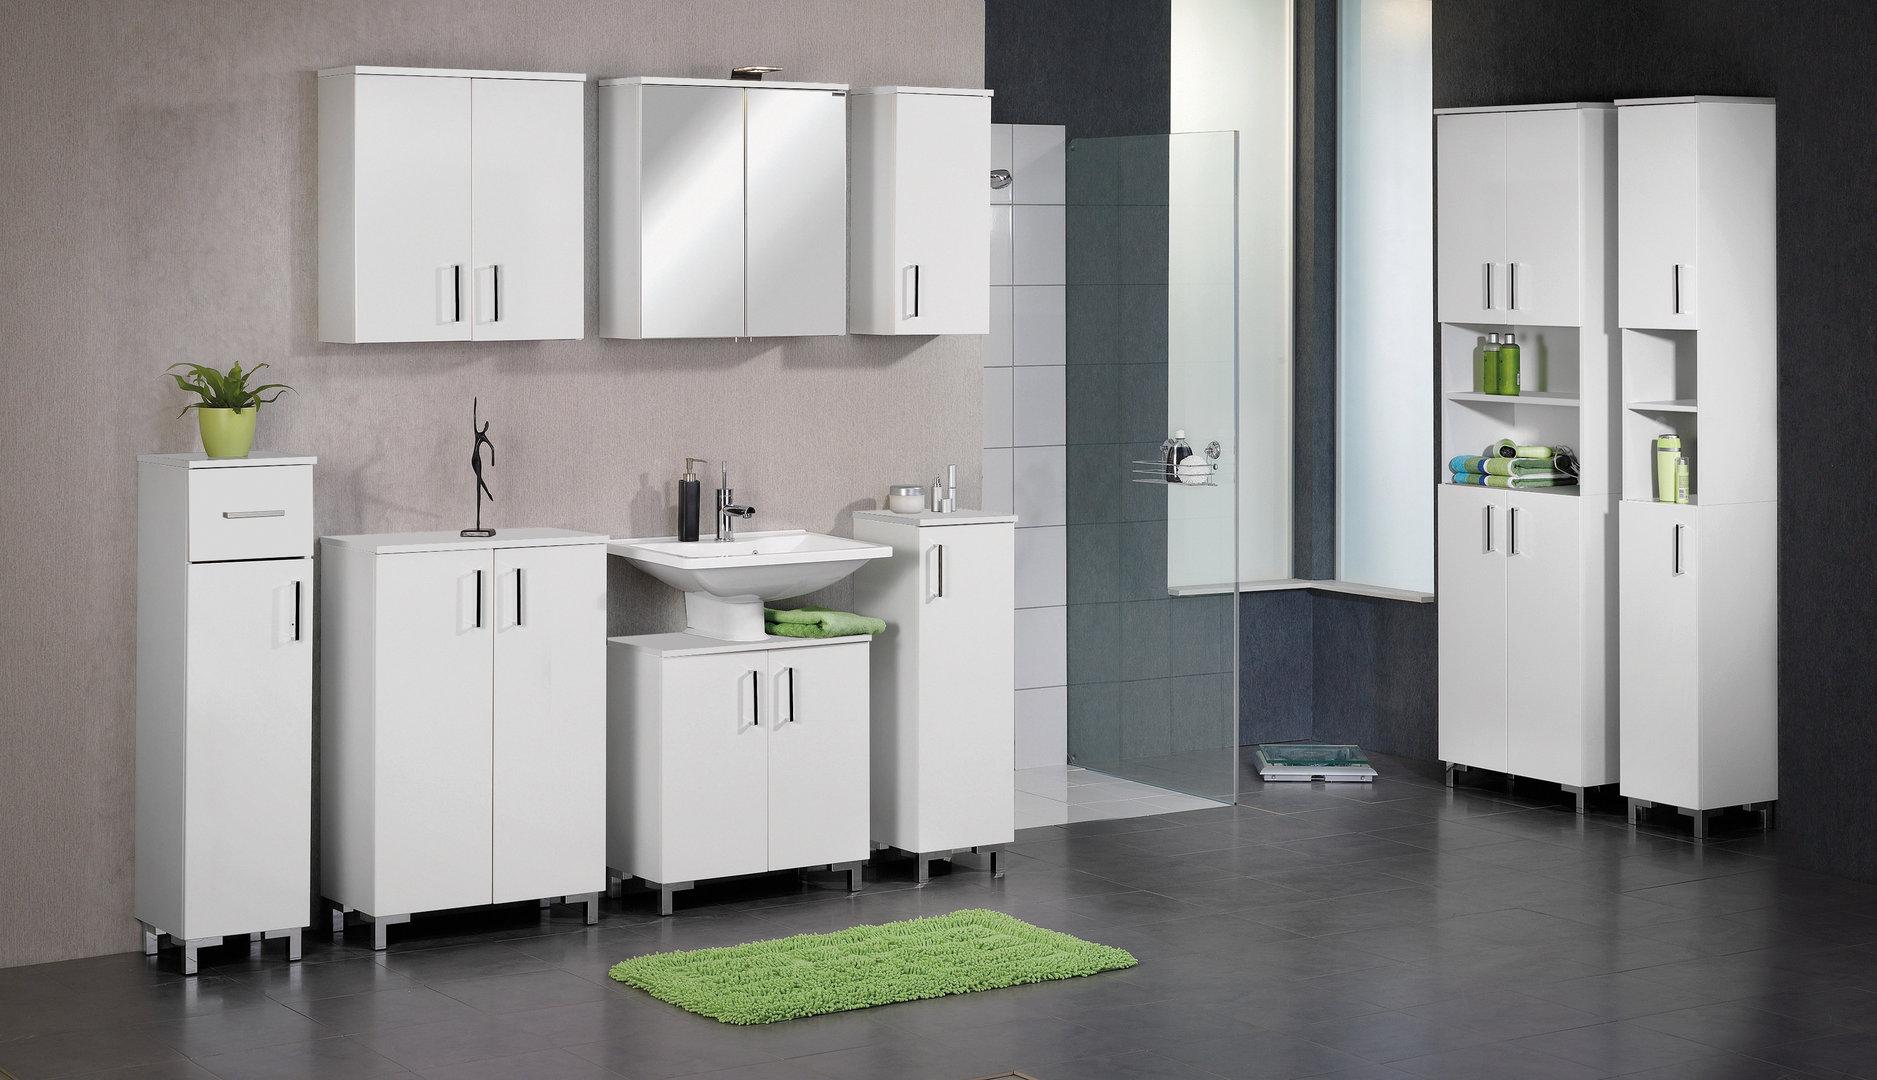 fackelmann atlanta waschtisch unterbau breite 61 cm farbe wei ma. Black Bedroom Furniture Sets. Home Design Ideas